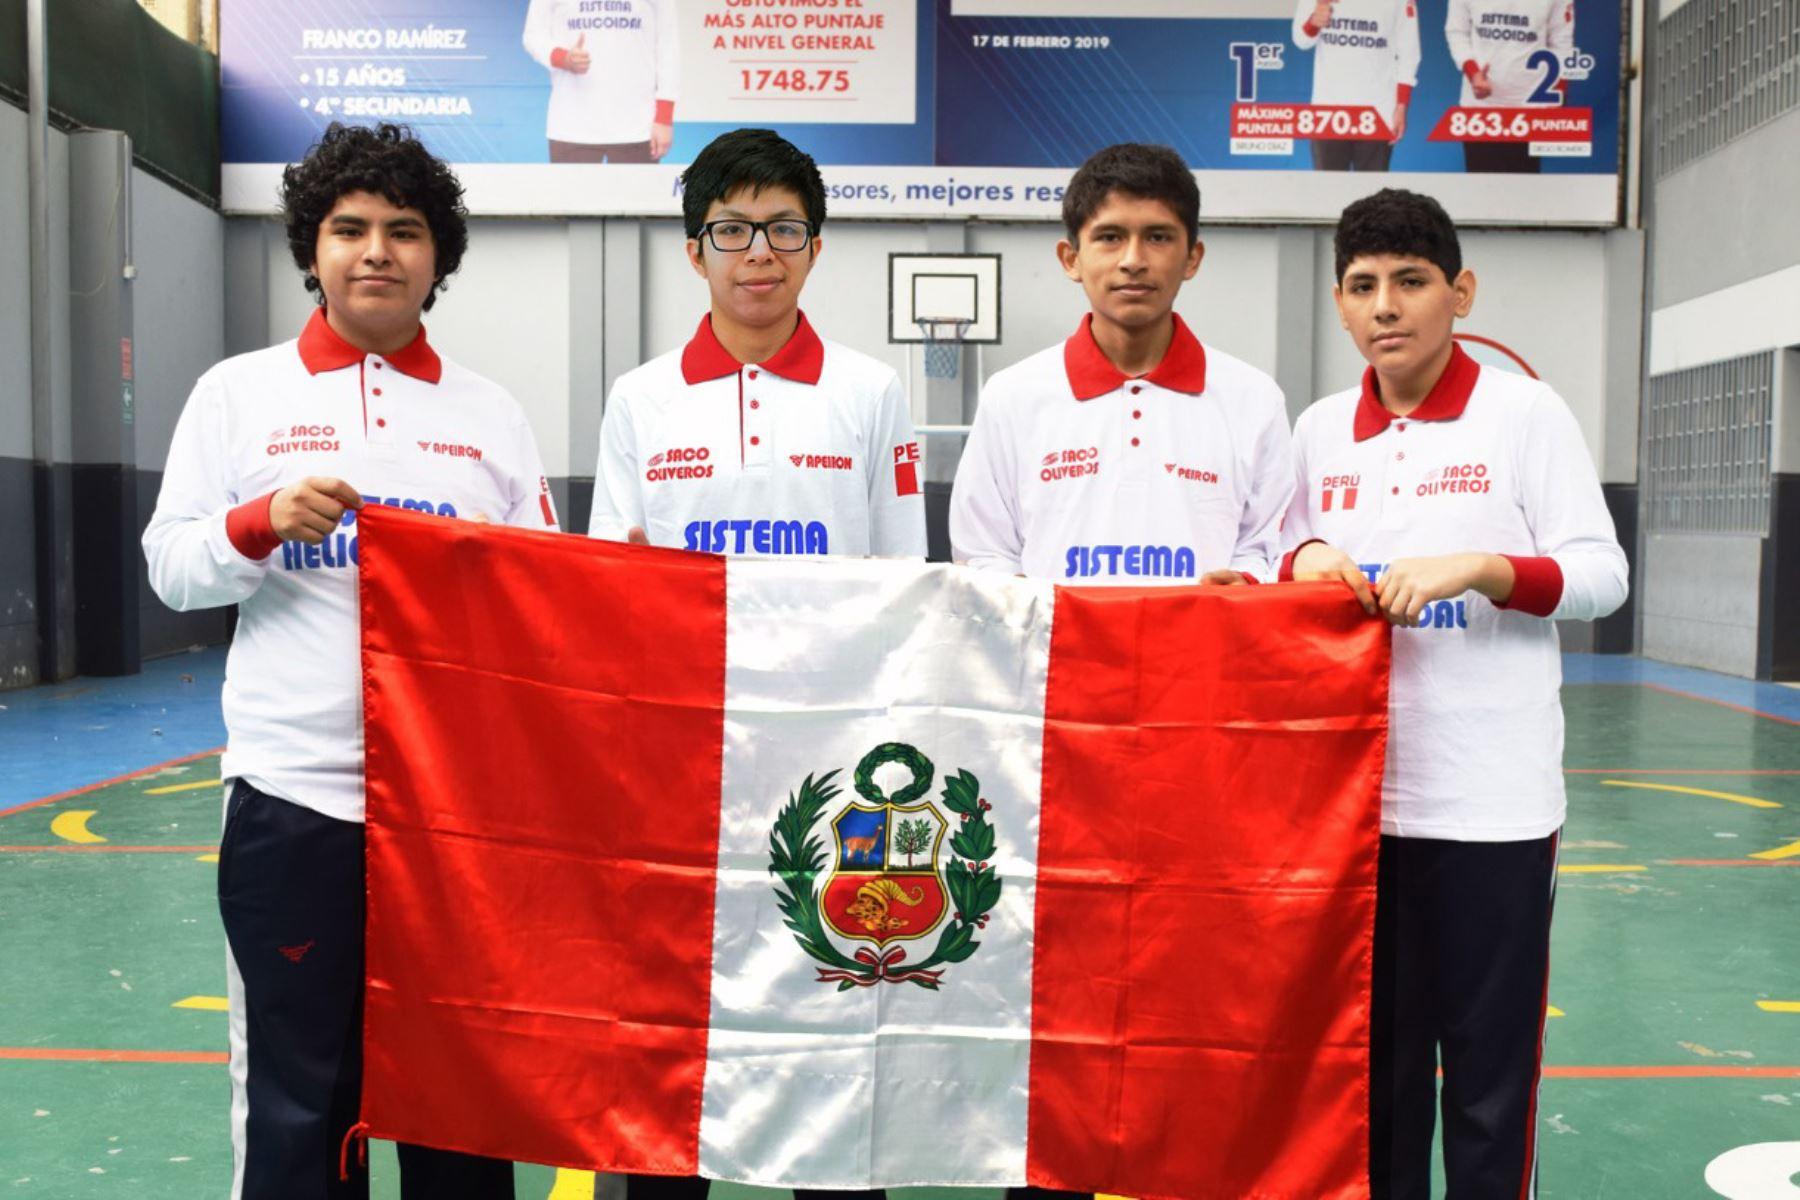 De izquierda a derecha: Joseph Altamirano, Mijaíl Gutiérrez, Joaquín Guerra y Ángelo Farfán. Foto: Cortesía/ANDINA